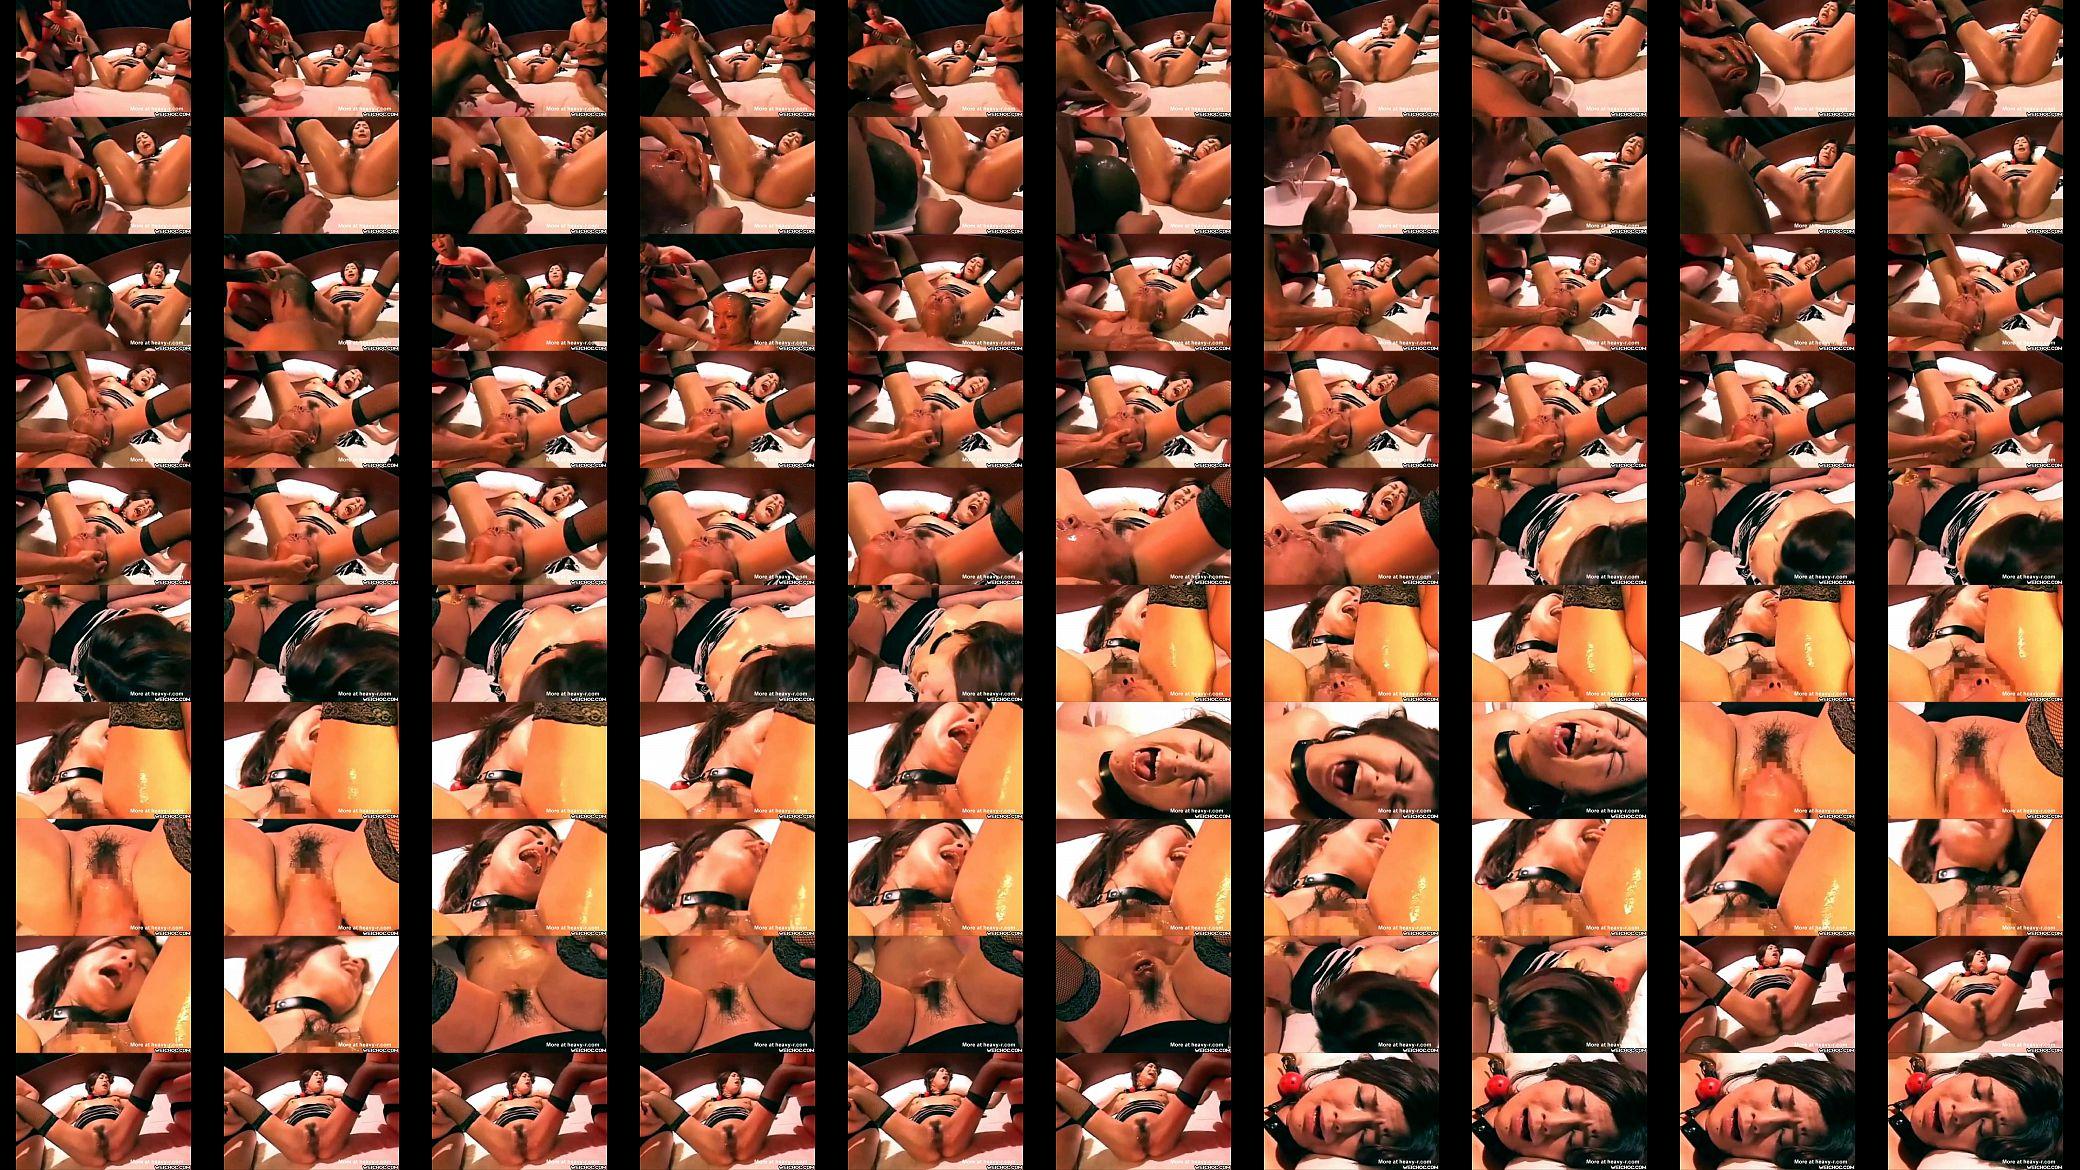 Cabezas Metiendose En Coños Free Porn se inserta la cabeza en el coño - xnxx